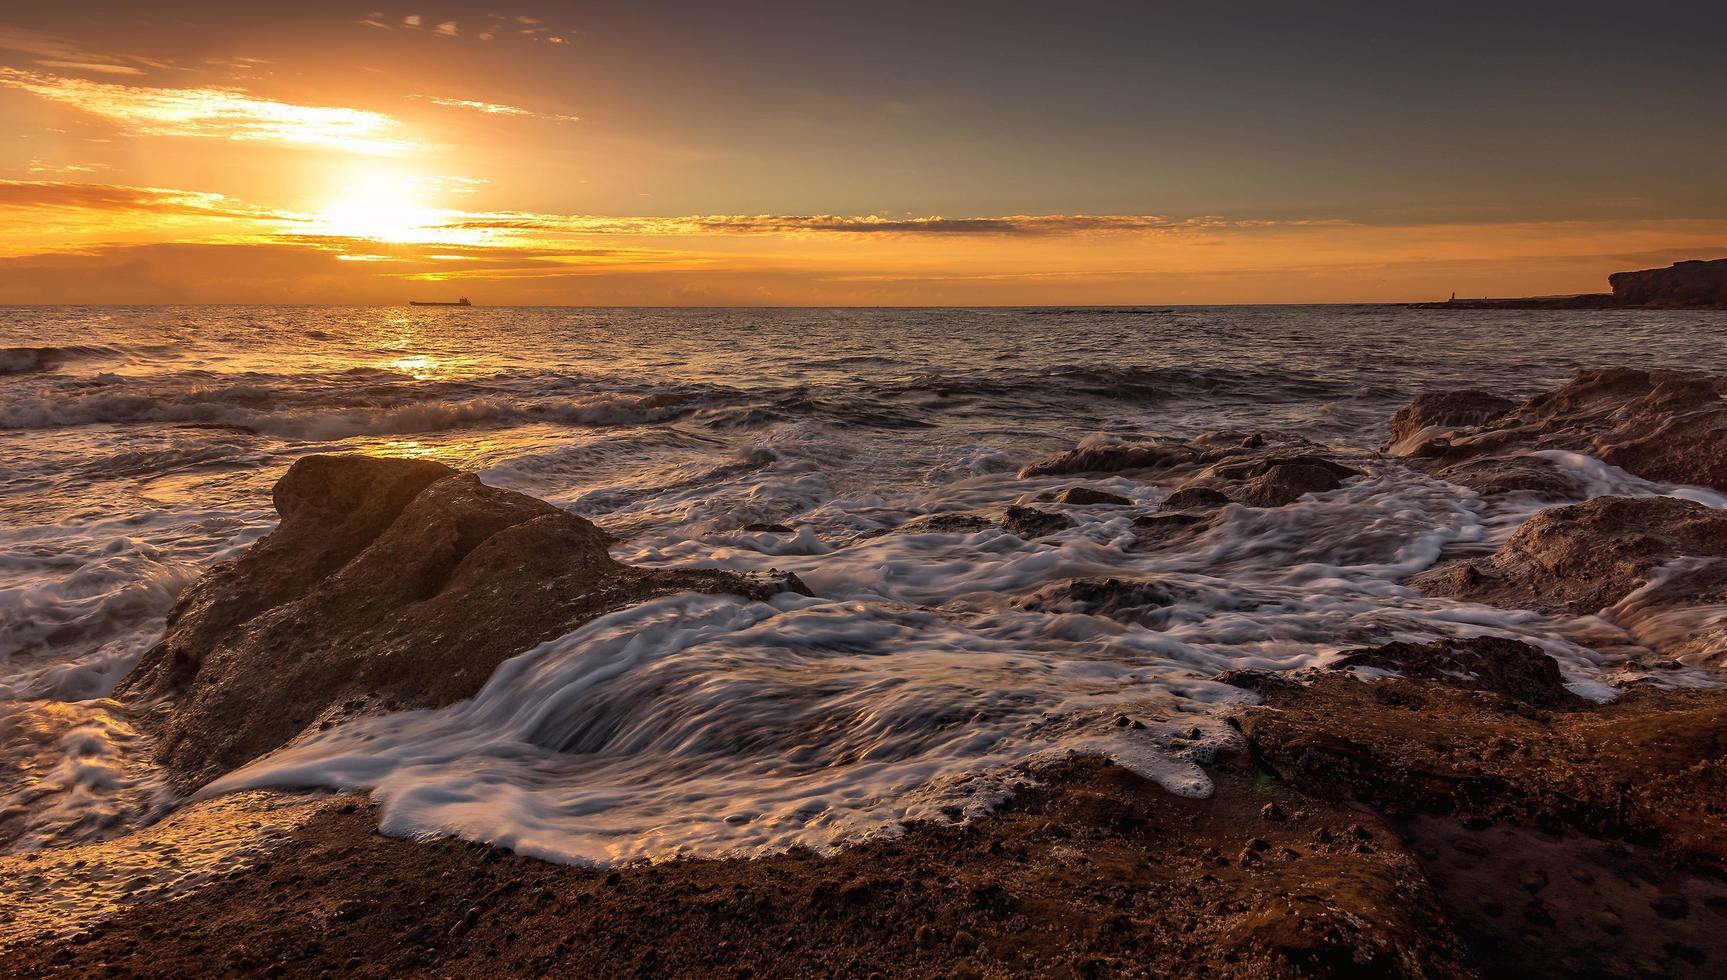 olas rompiendo en la costa durante el atardecer foto